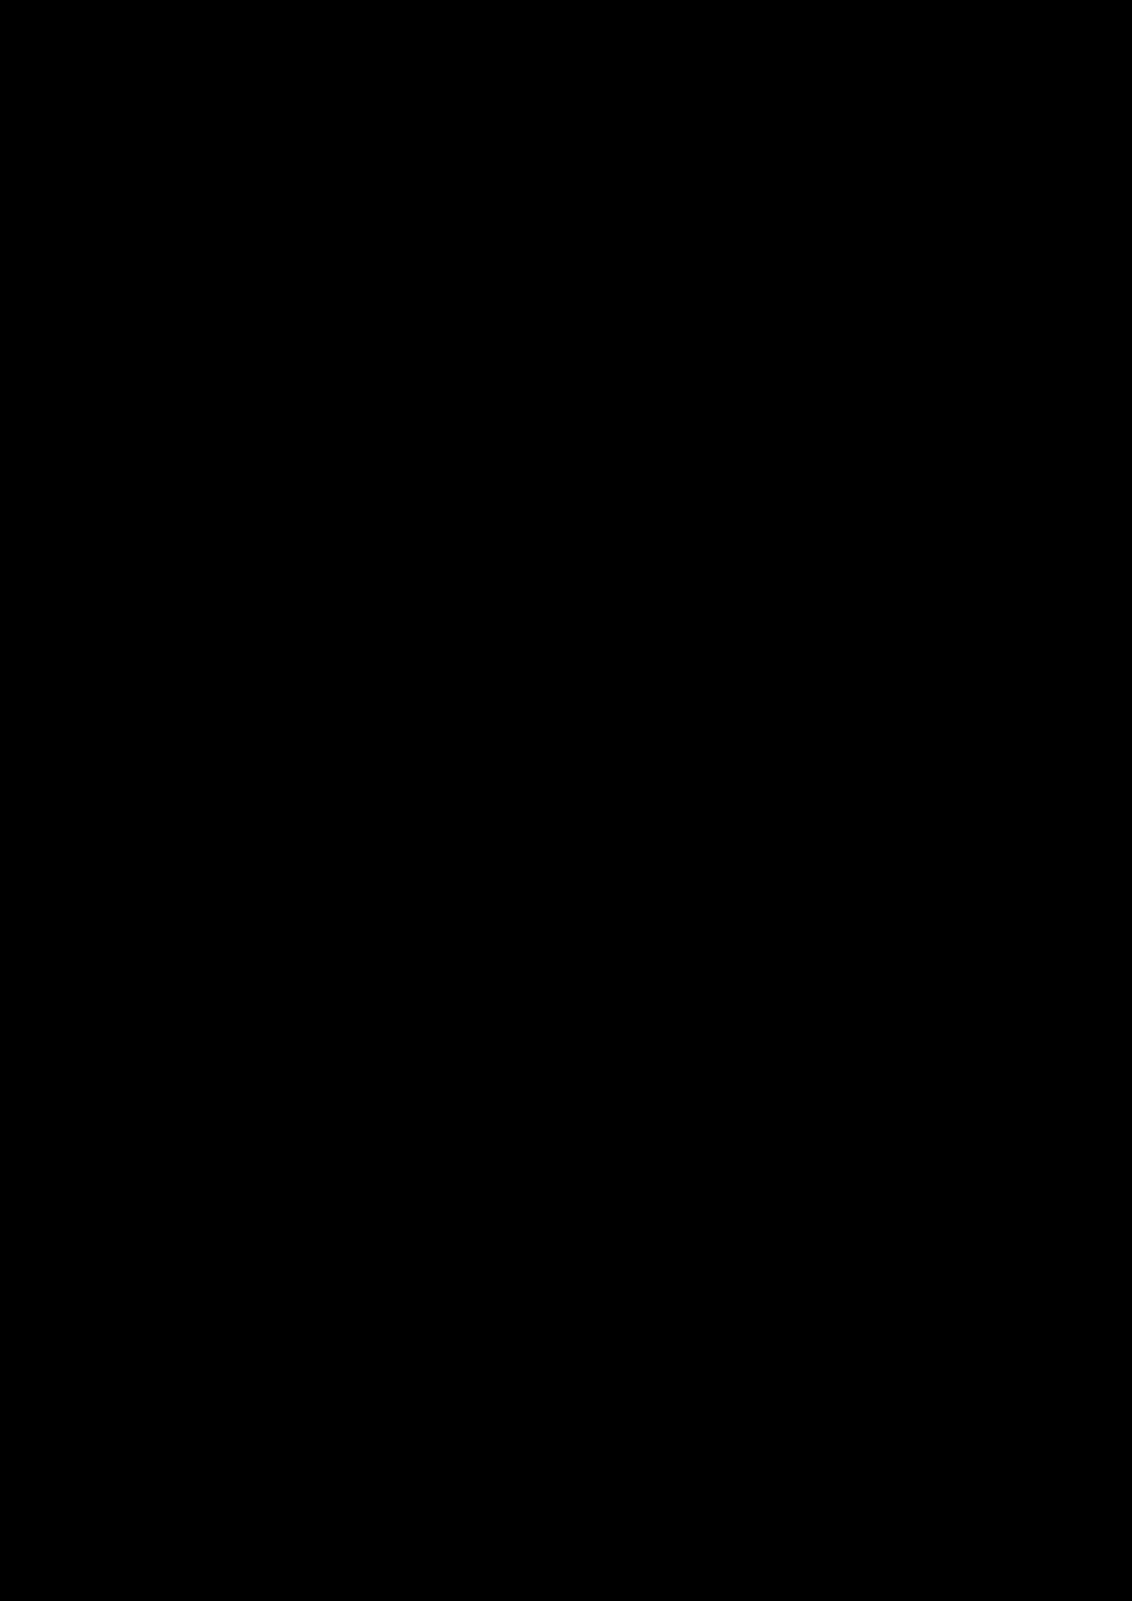 Zagadka volshebnoy stranyi slide, Image 172